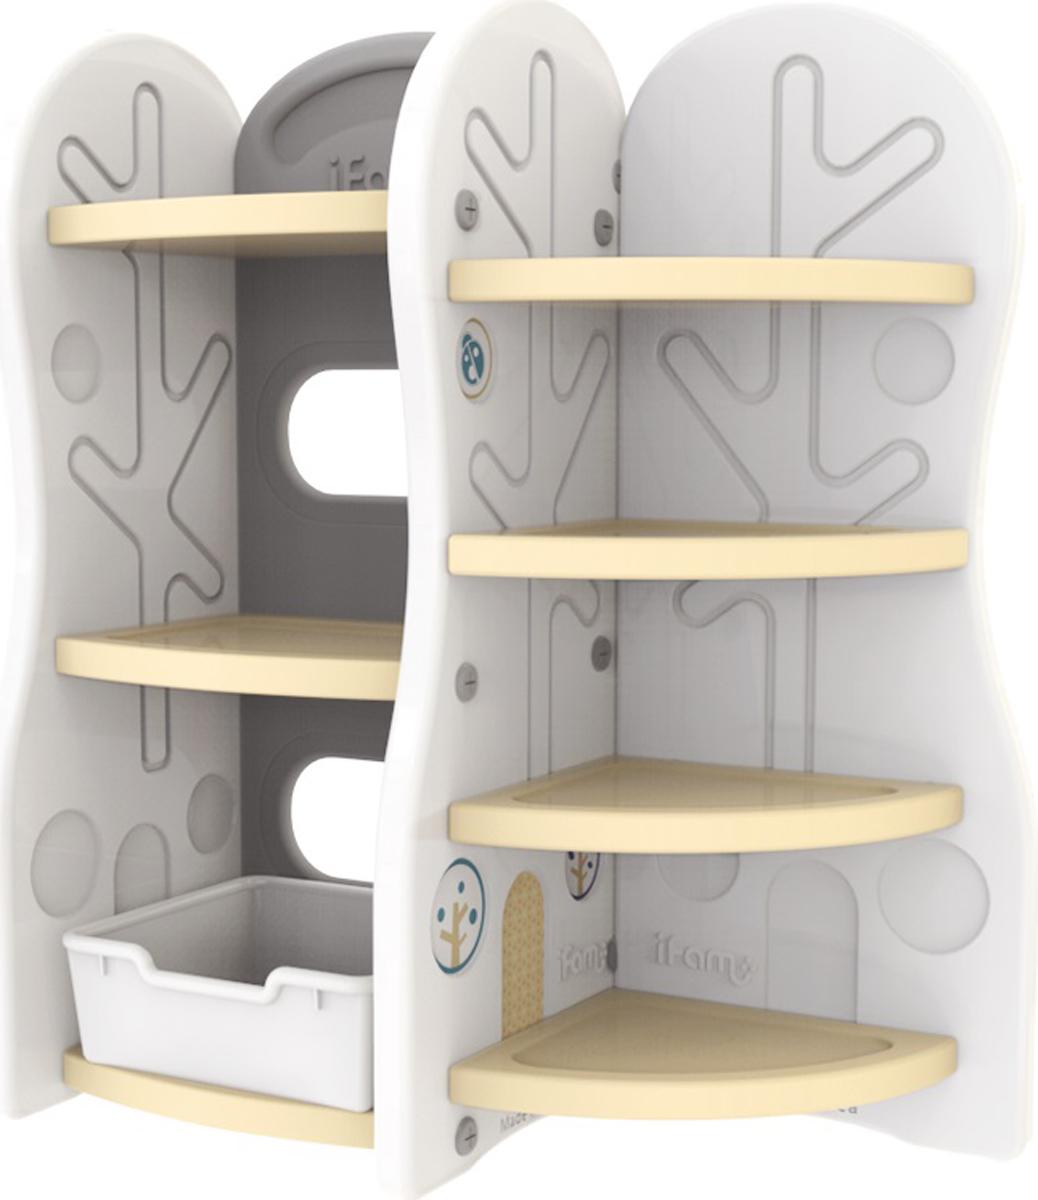 Ifam Стеллаж для игрушек DesignToy-7 цвет бежевый детские игрушки 1